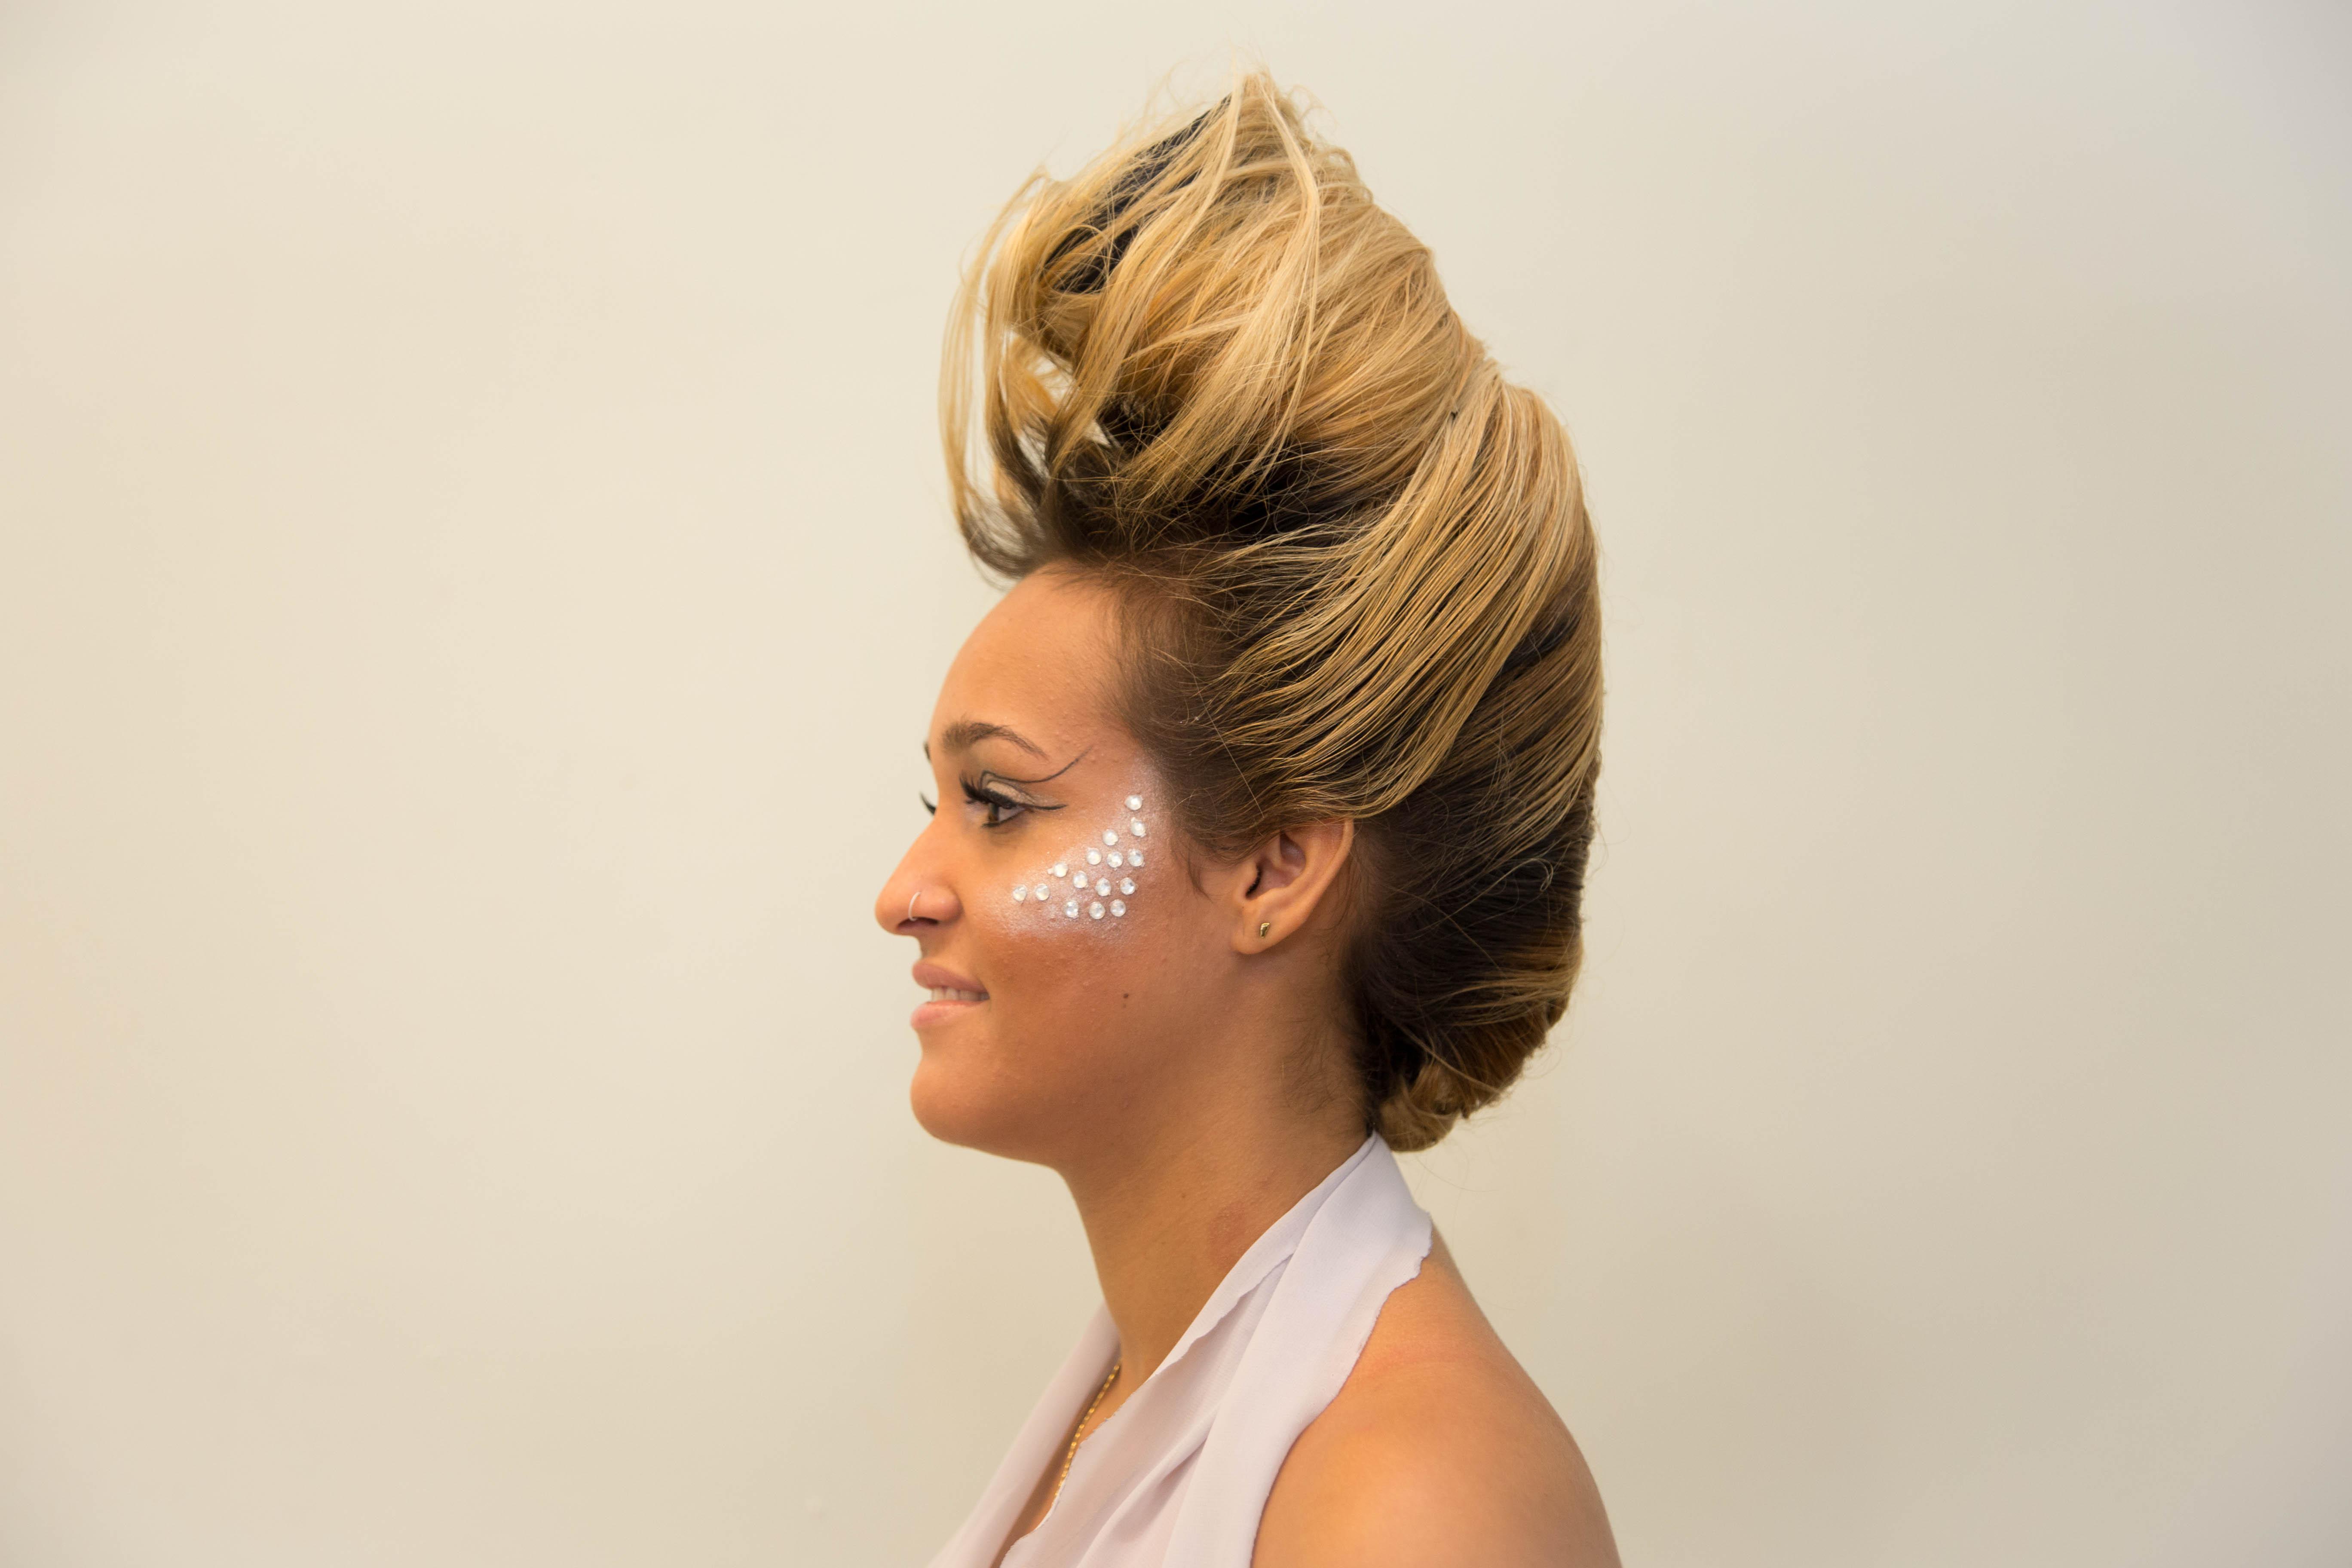 cabelo visagista cabeleireiro(a) consultor(a) em imagem stylist